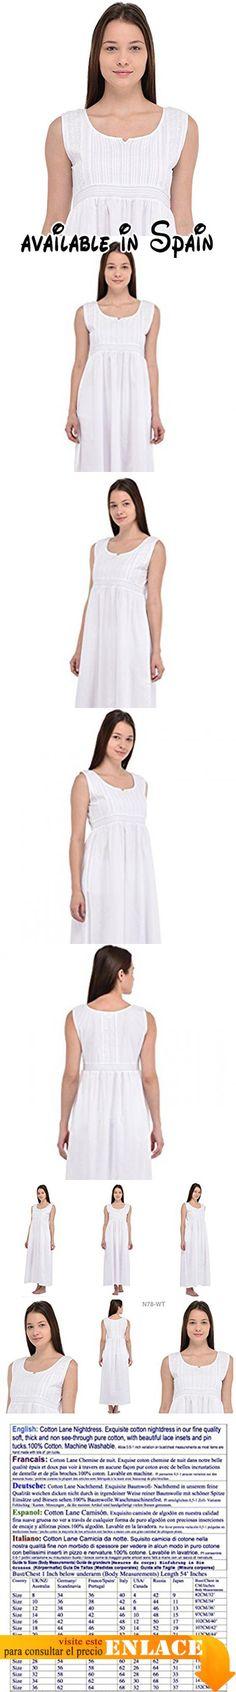 """B076H5FDJ2 : Cotton Lane Cotton White Classic Vintage Reproducción Plus Size camisón.. Camisón N78WT. Camisón lujosamente bordado y decorado en nuestro fino algodón fino suave y no transparente. Decorado con hermosos bordados.. Las medidas de Busto / Pecho que se muestran en el archivo adjunto son medidas corporales.. Altura del modelo: 5 pies 8 """"/172.5 cm. El modelo lleva la talla: 38.. Permita una variación de 0.5-1 pulgada en las medidas del busto / cofre ya que"""